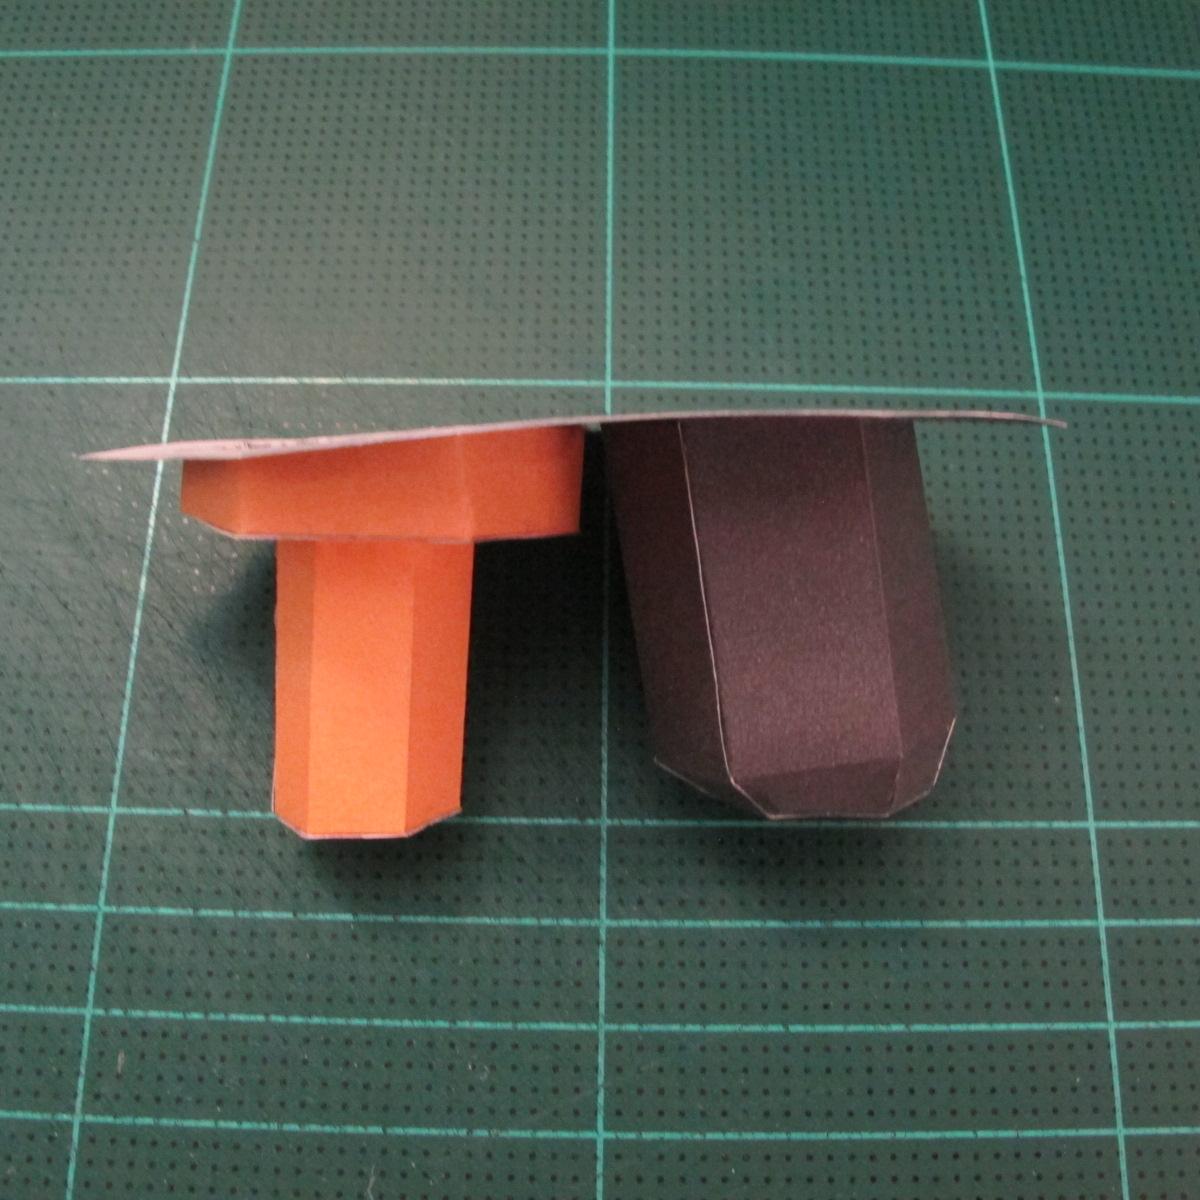 วิธีทำโมเดลกระดาษคุกกี้รัน คุกกี้รสโจรสลัด (Cookie Run Pirate Cookie Papercraft Model) 007